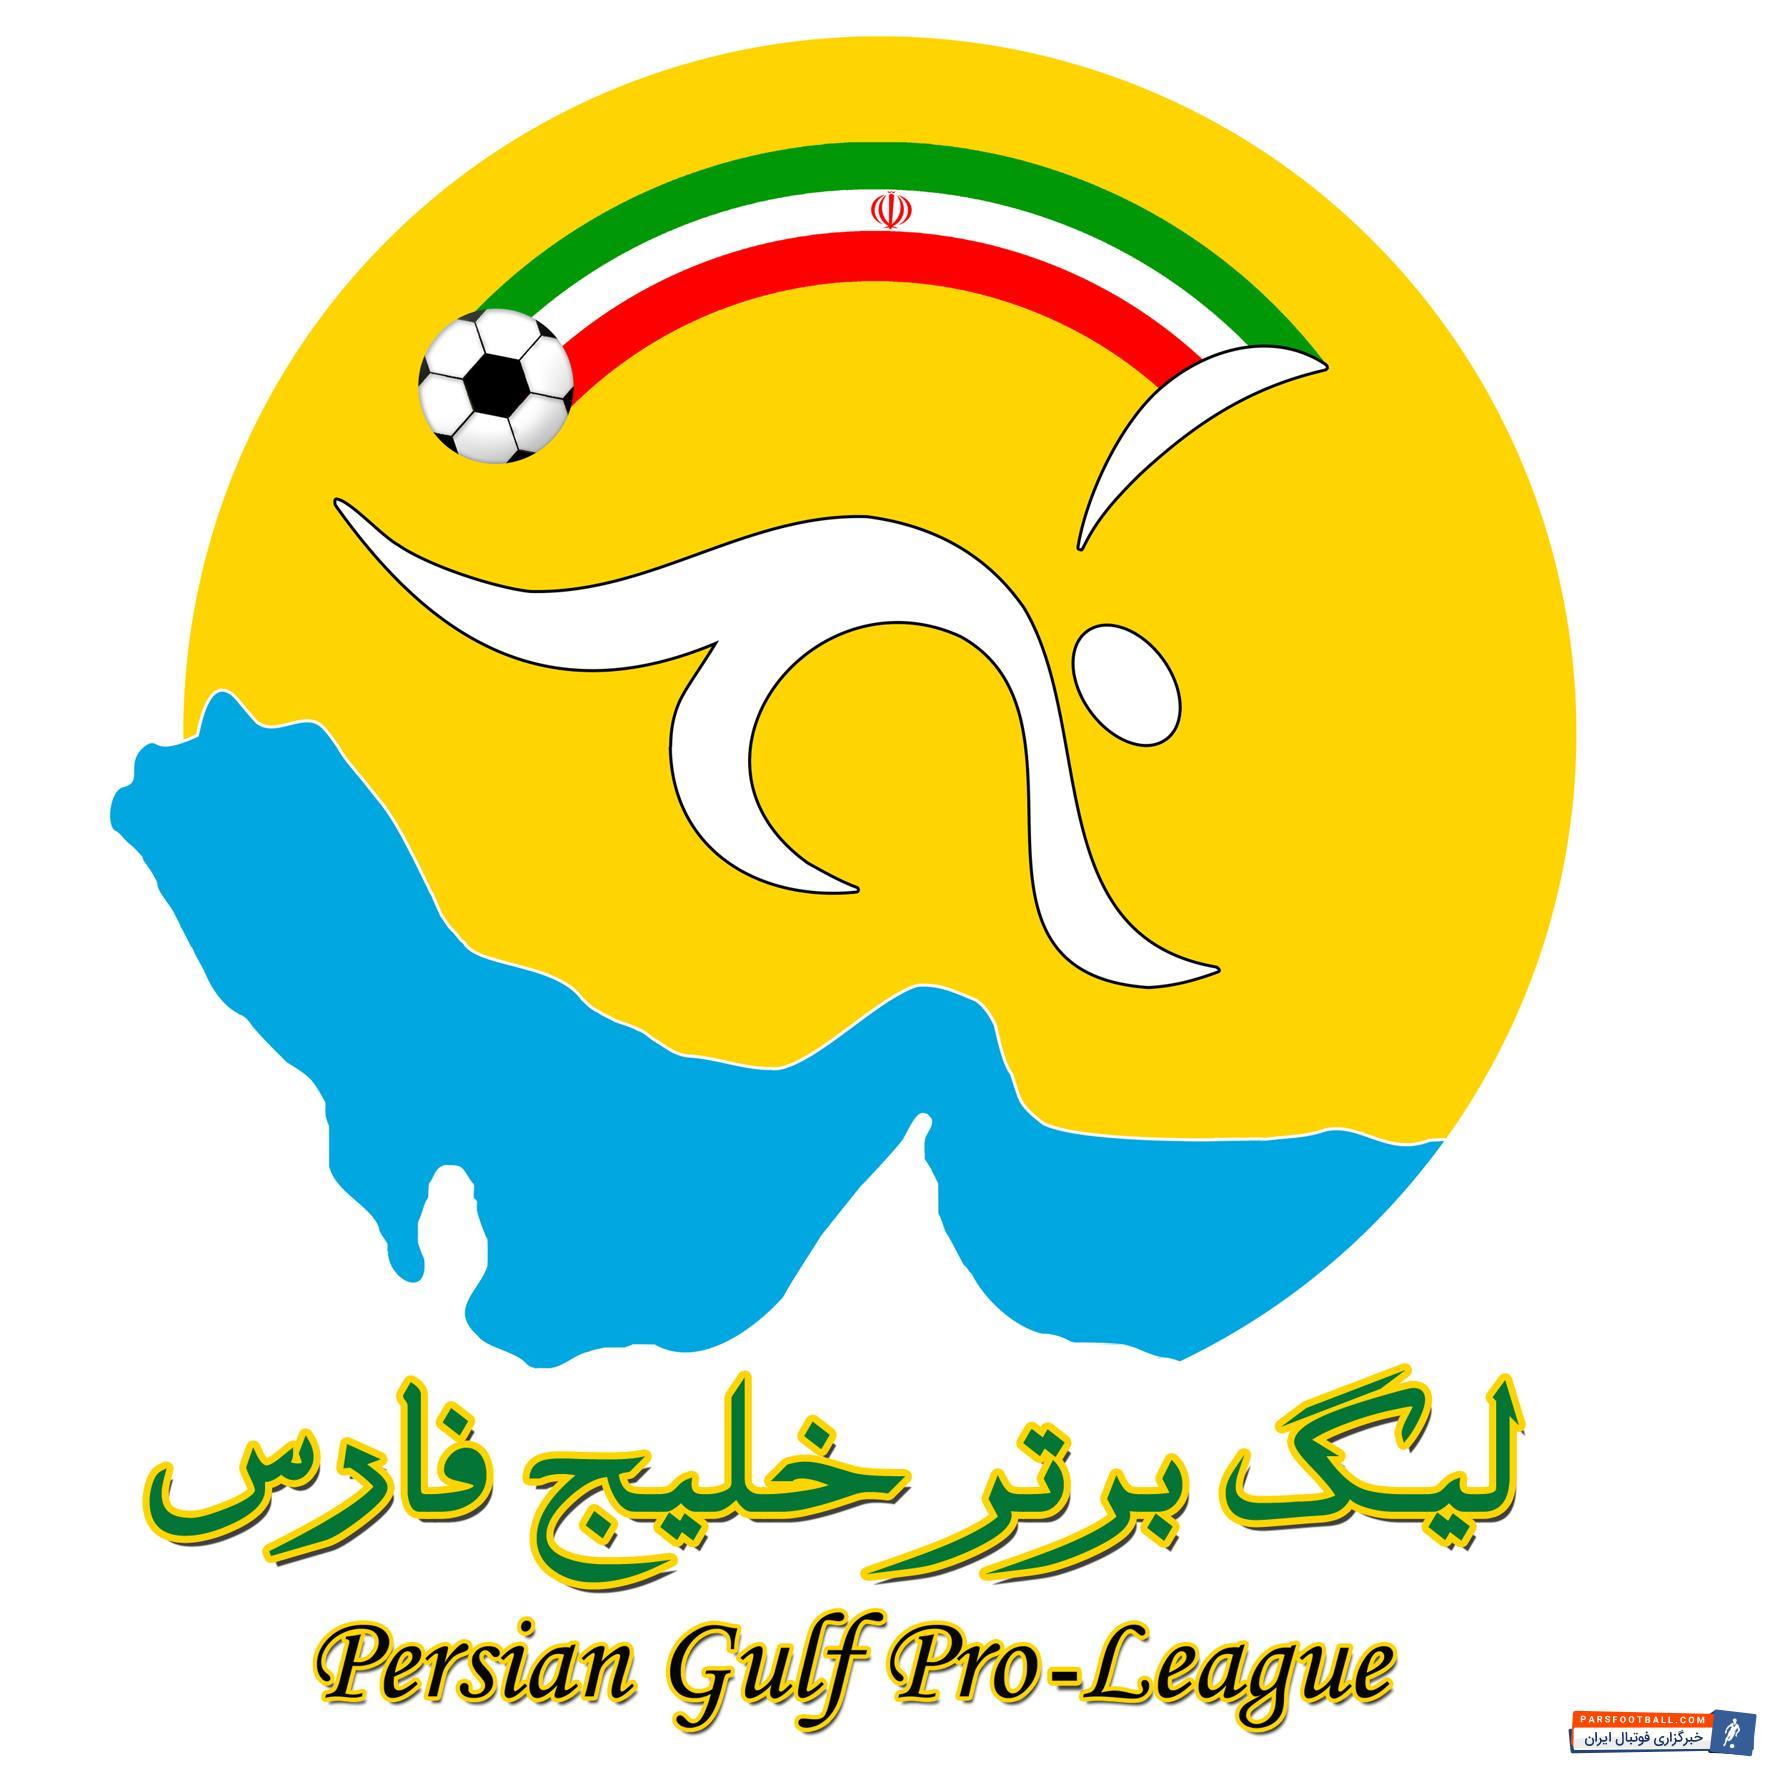 لیگ برتر خلیج فارس ؛ کلیپی از نگاهی طنز به بازی های روز اول لیگ برتر خلیج فارس